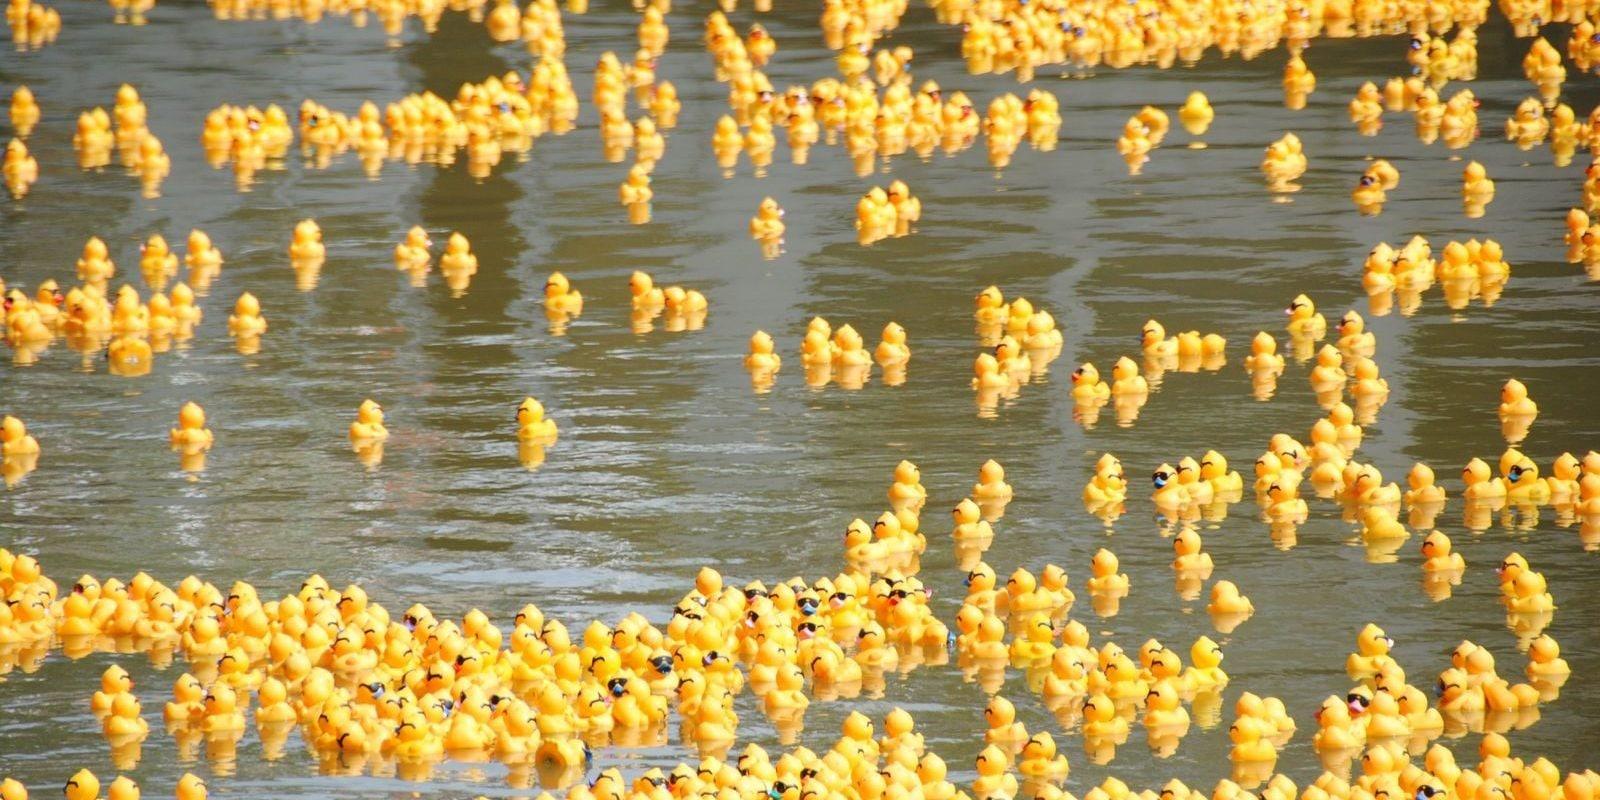 15 000 canards en plastique dans l'Ill pour fêter les 70 ans de Batorama